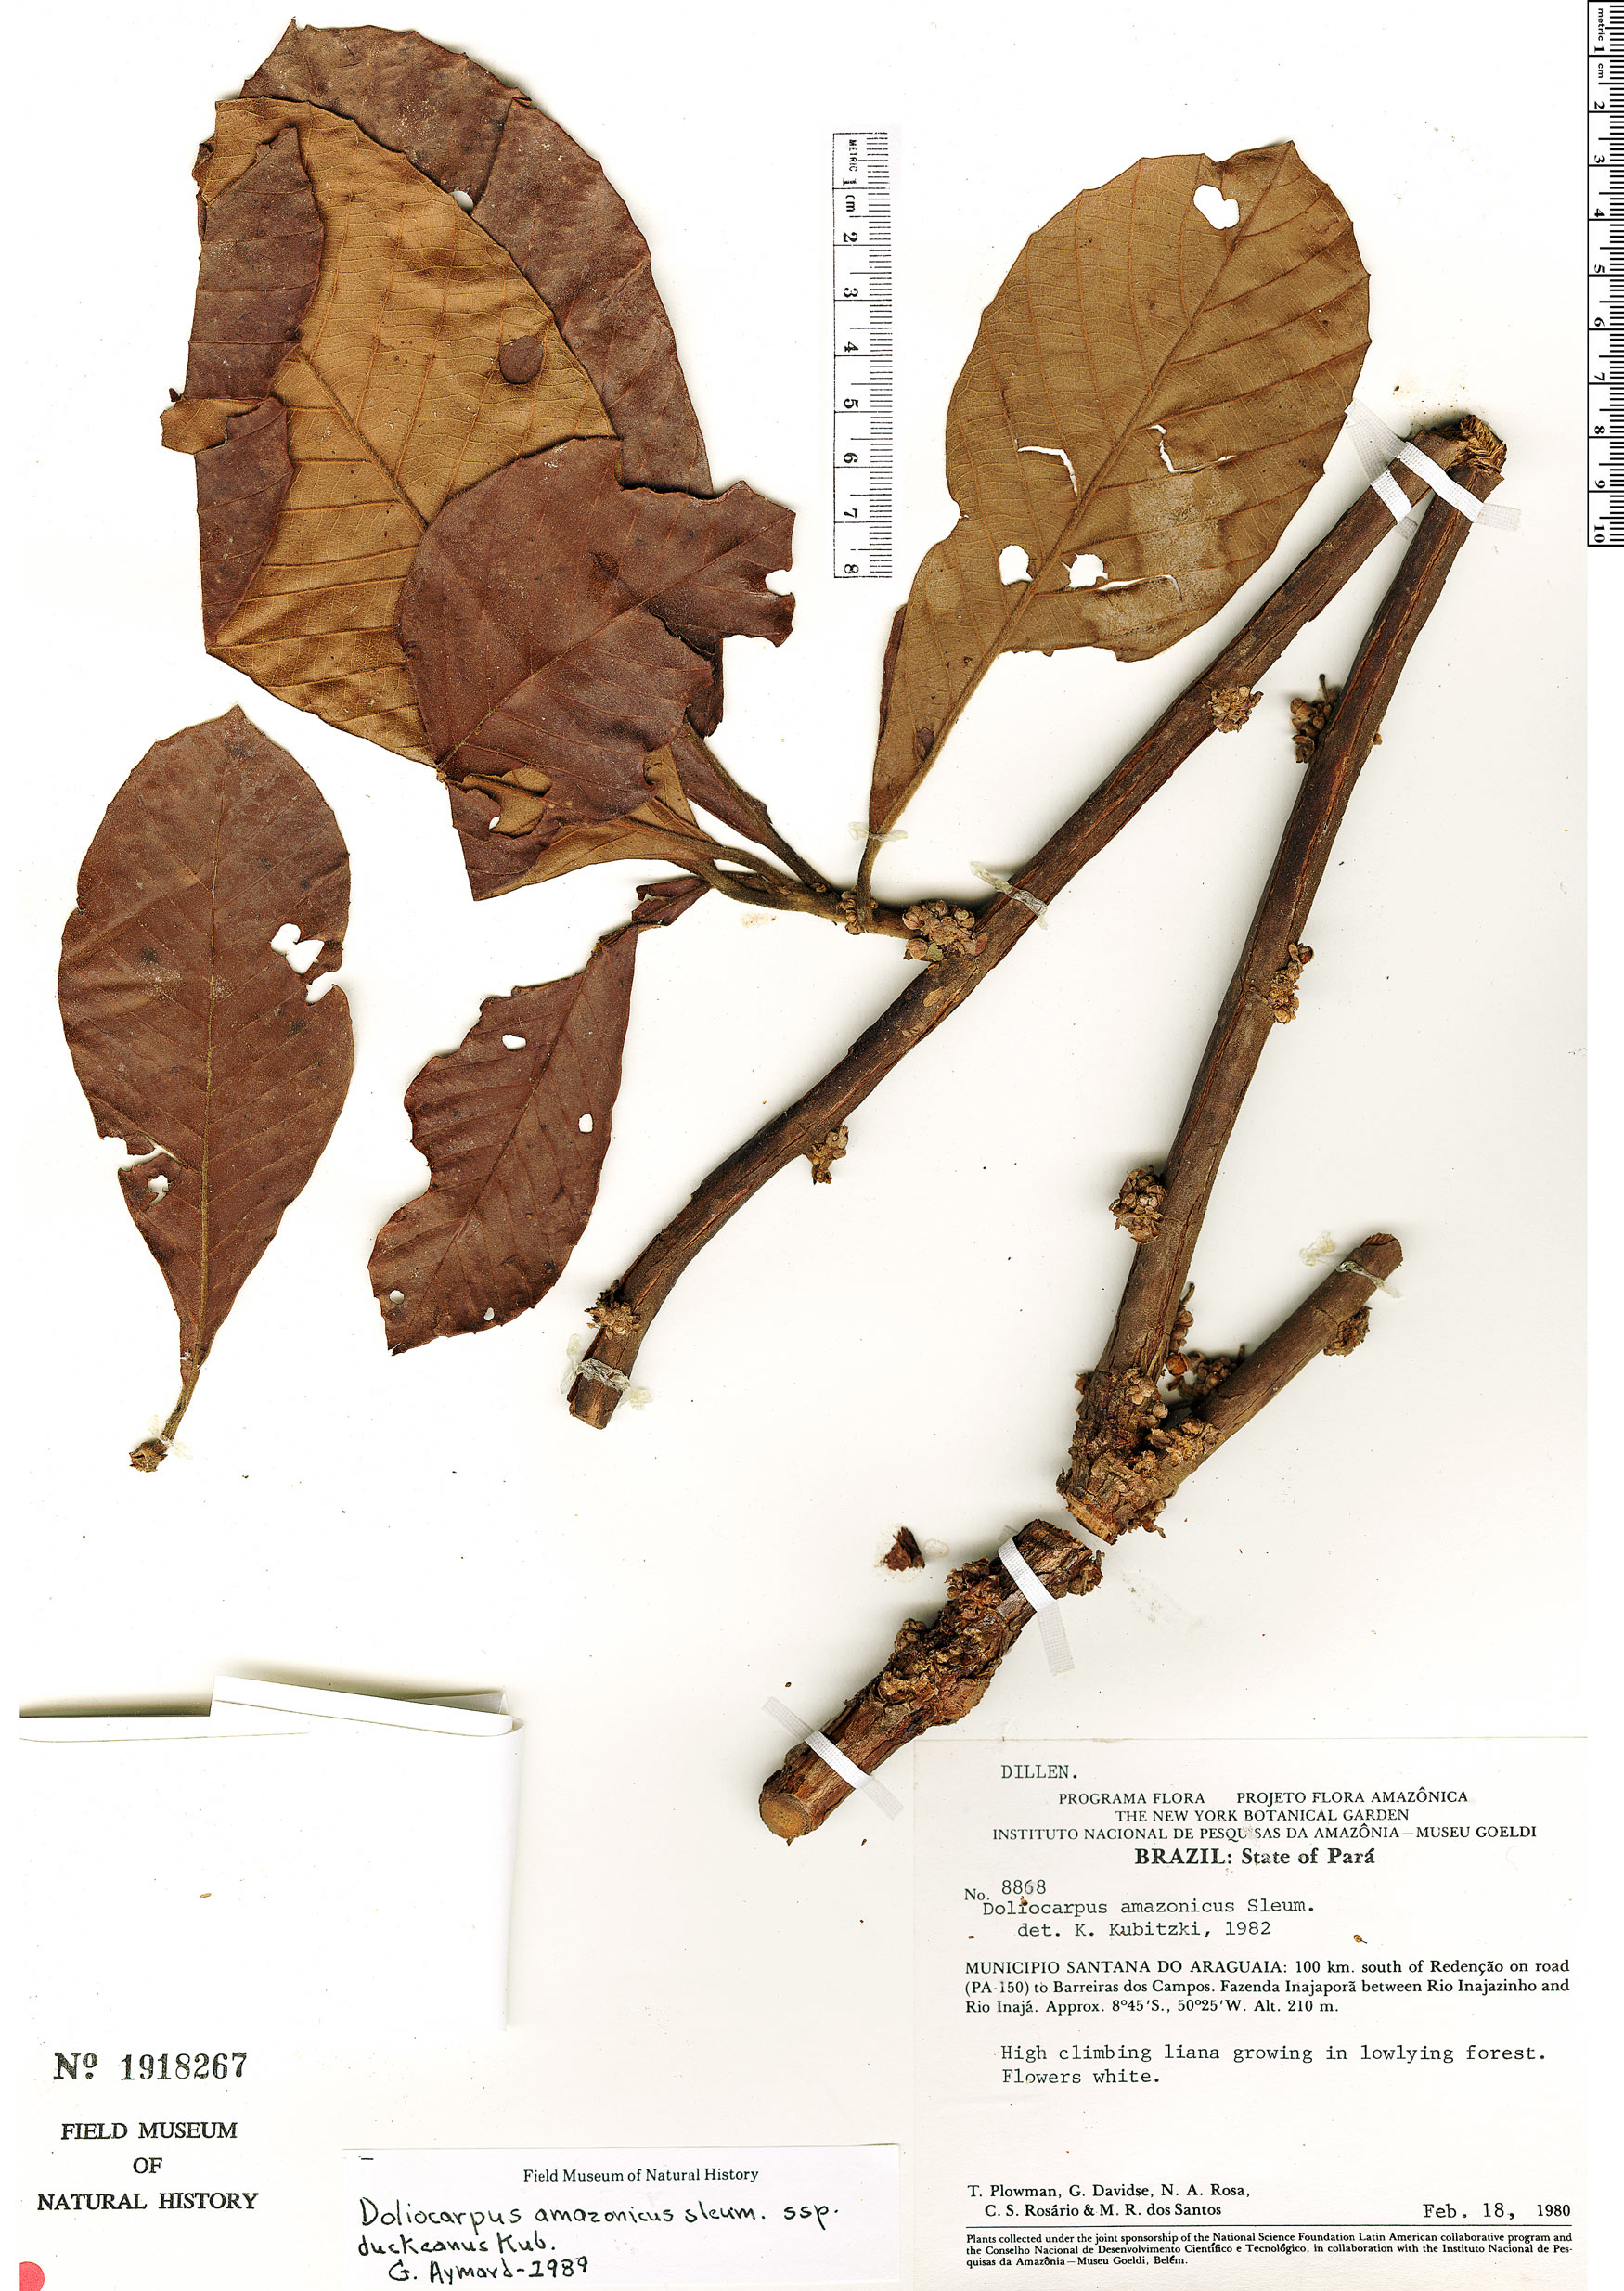 Espécime: Doliocarpus amazonicus